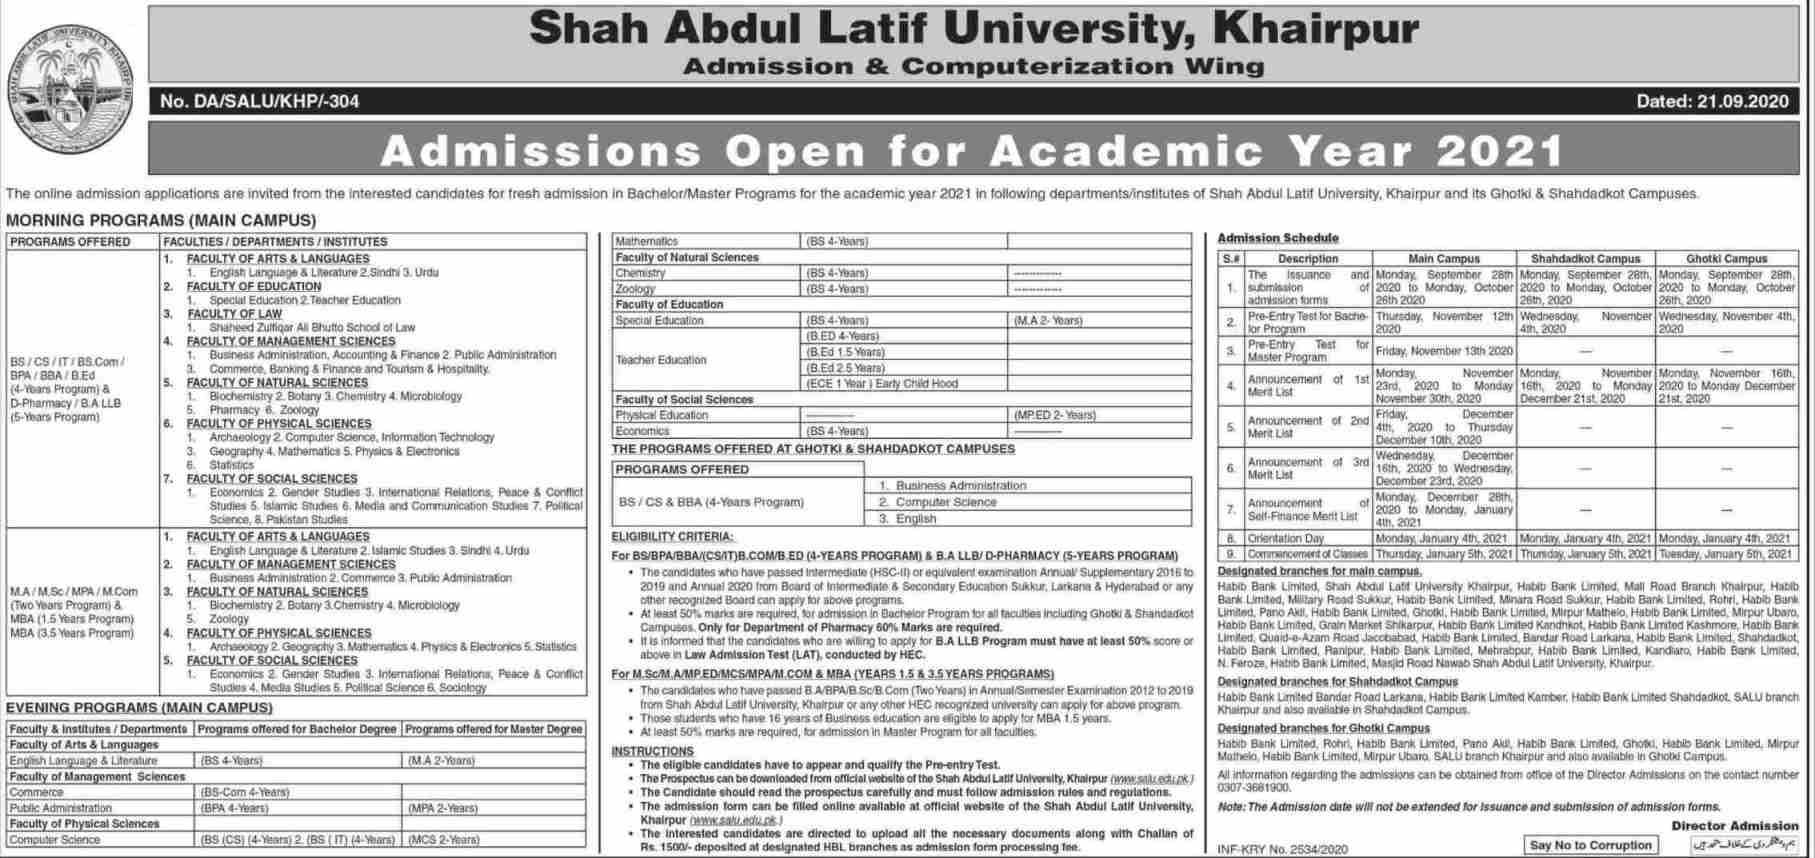 admission announcement of Shah Abdul Latif University